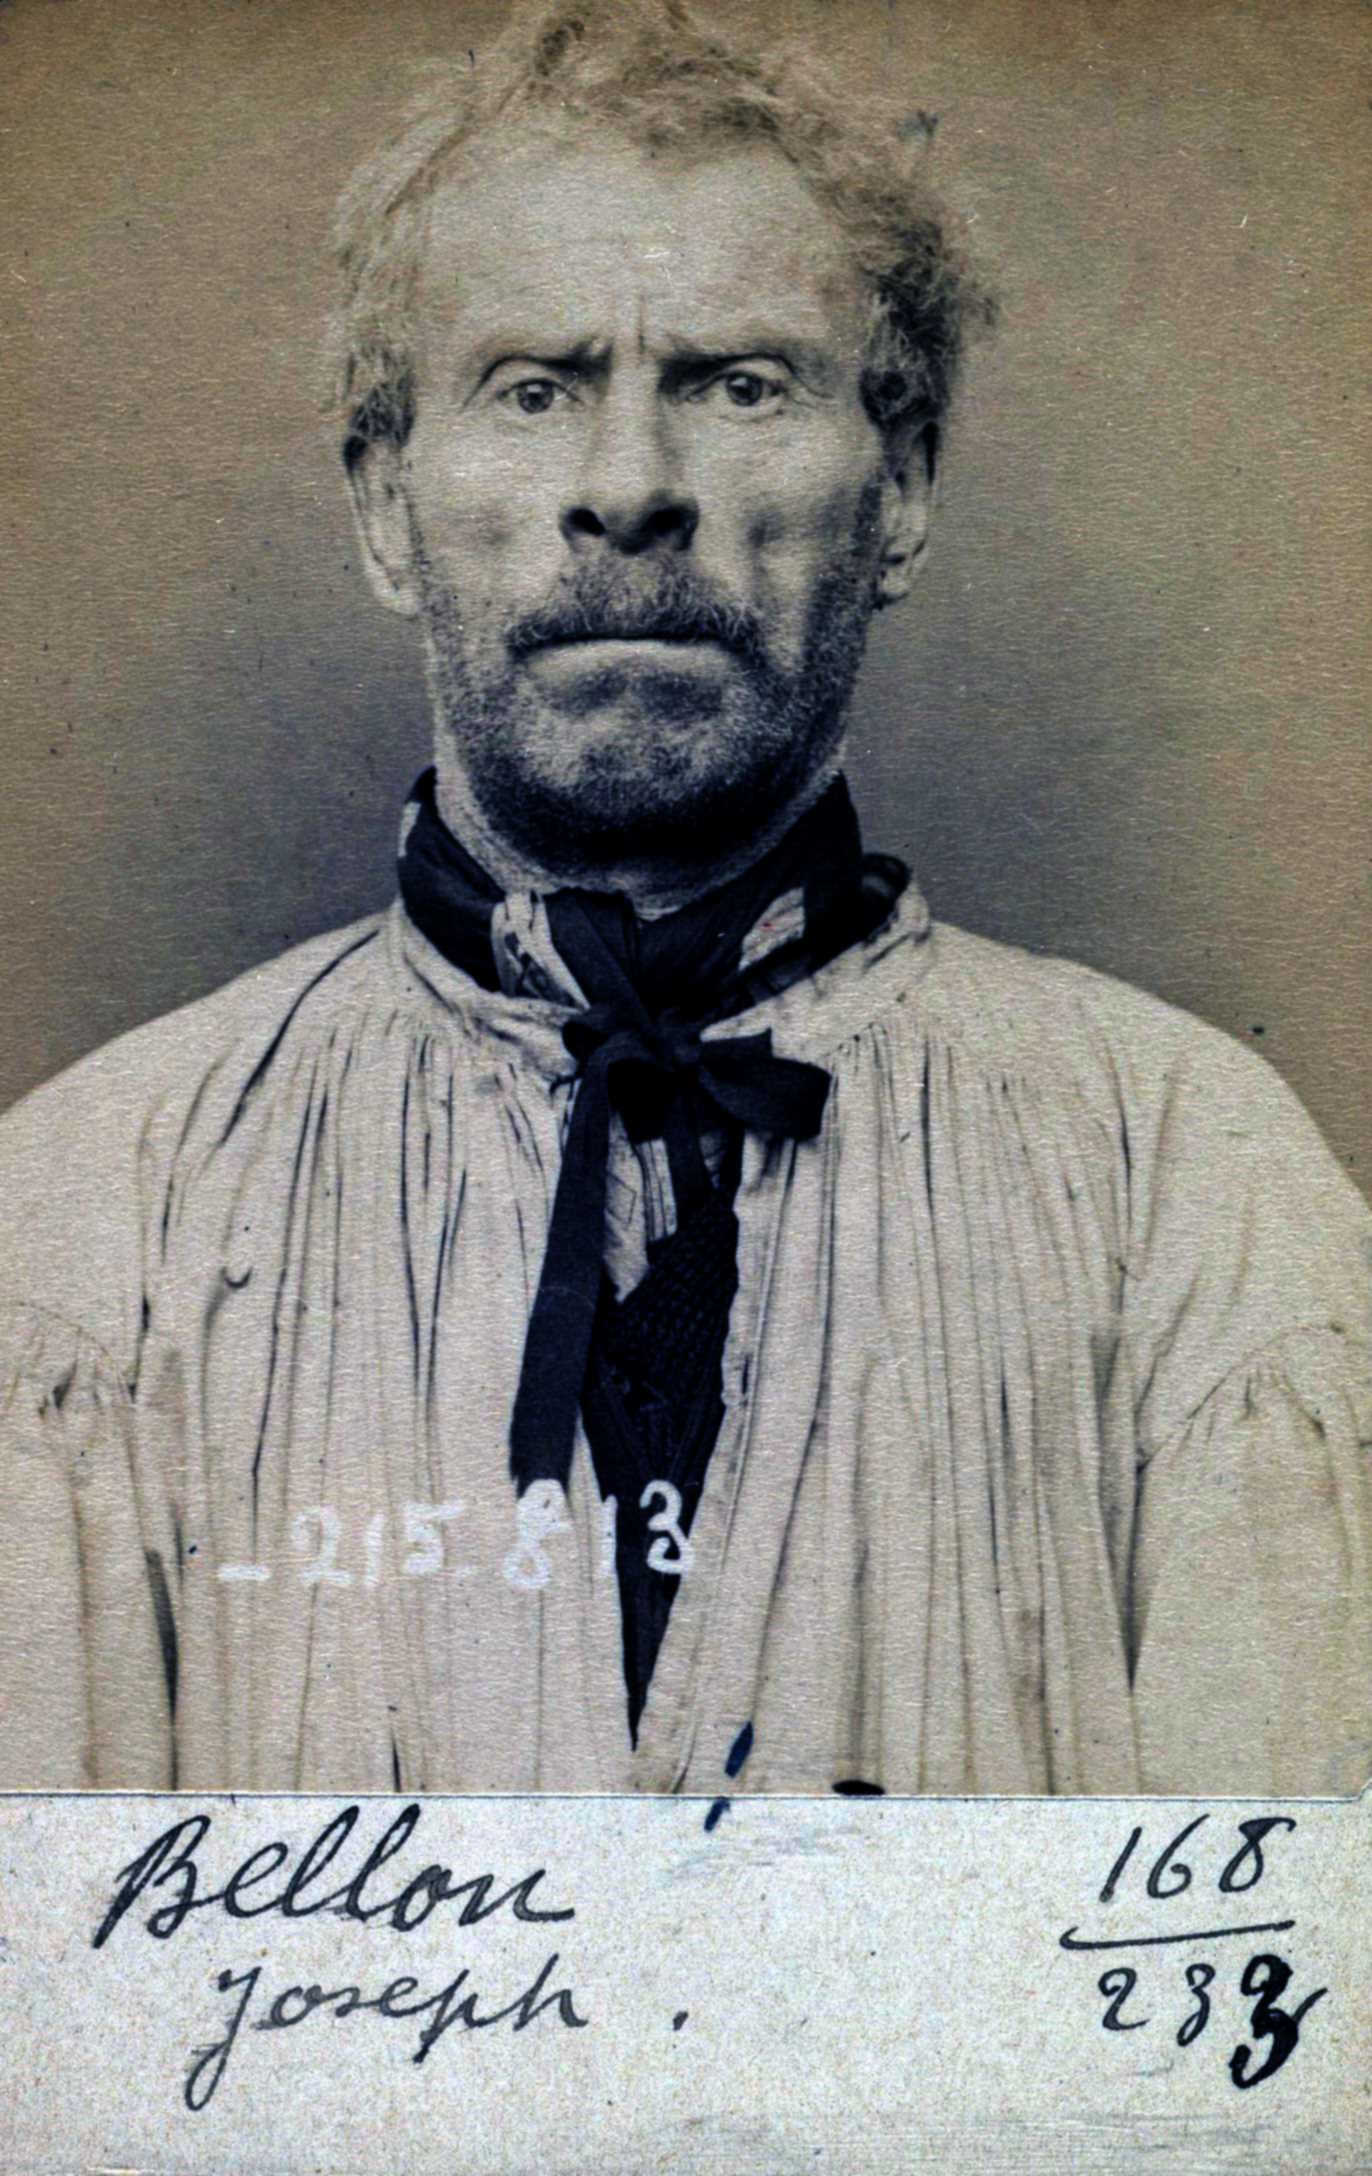 Foto policíaca de Joseph Bellon (17 de març de 1894)